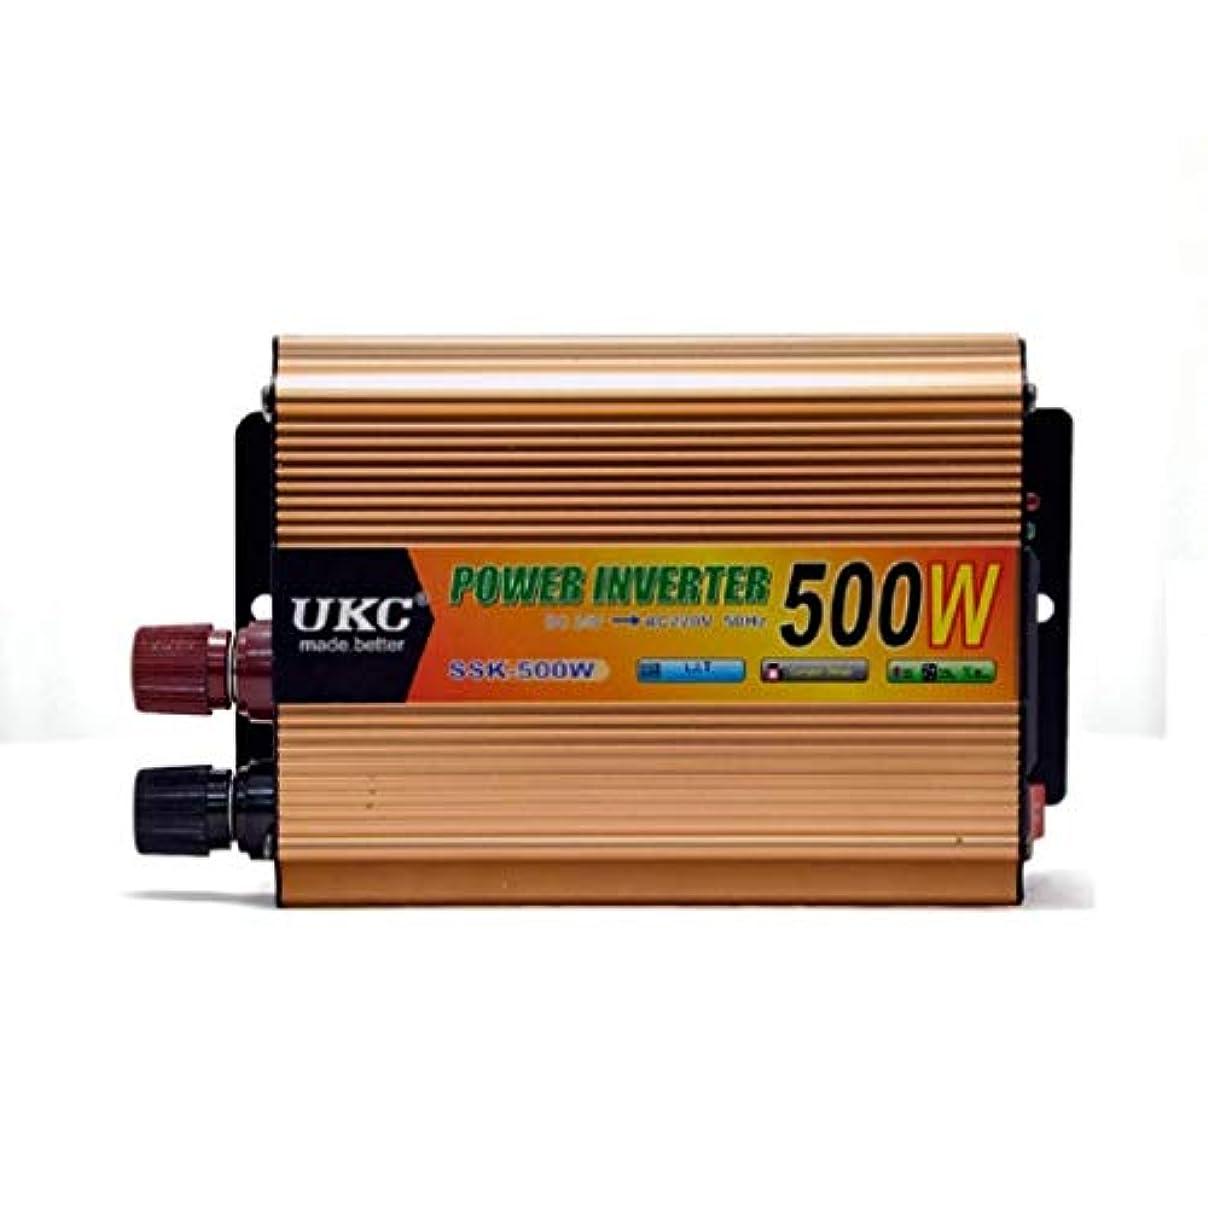 ガチョウ取り戻す区画500W車載電源インバーター24V?220V 500Wインバーター電源コンバーターインバーター電源車載インバーター。